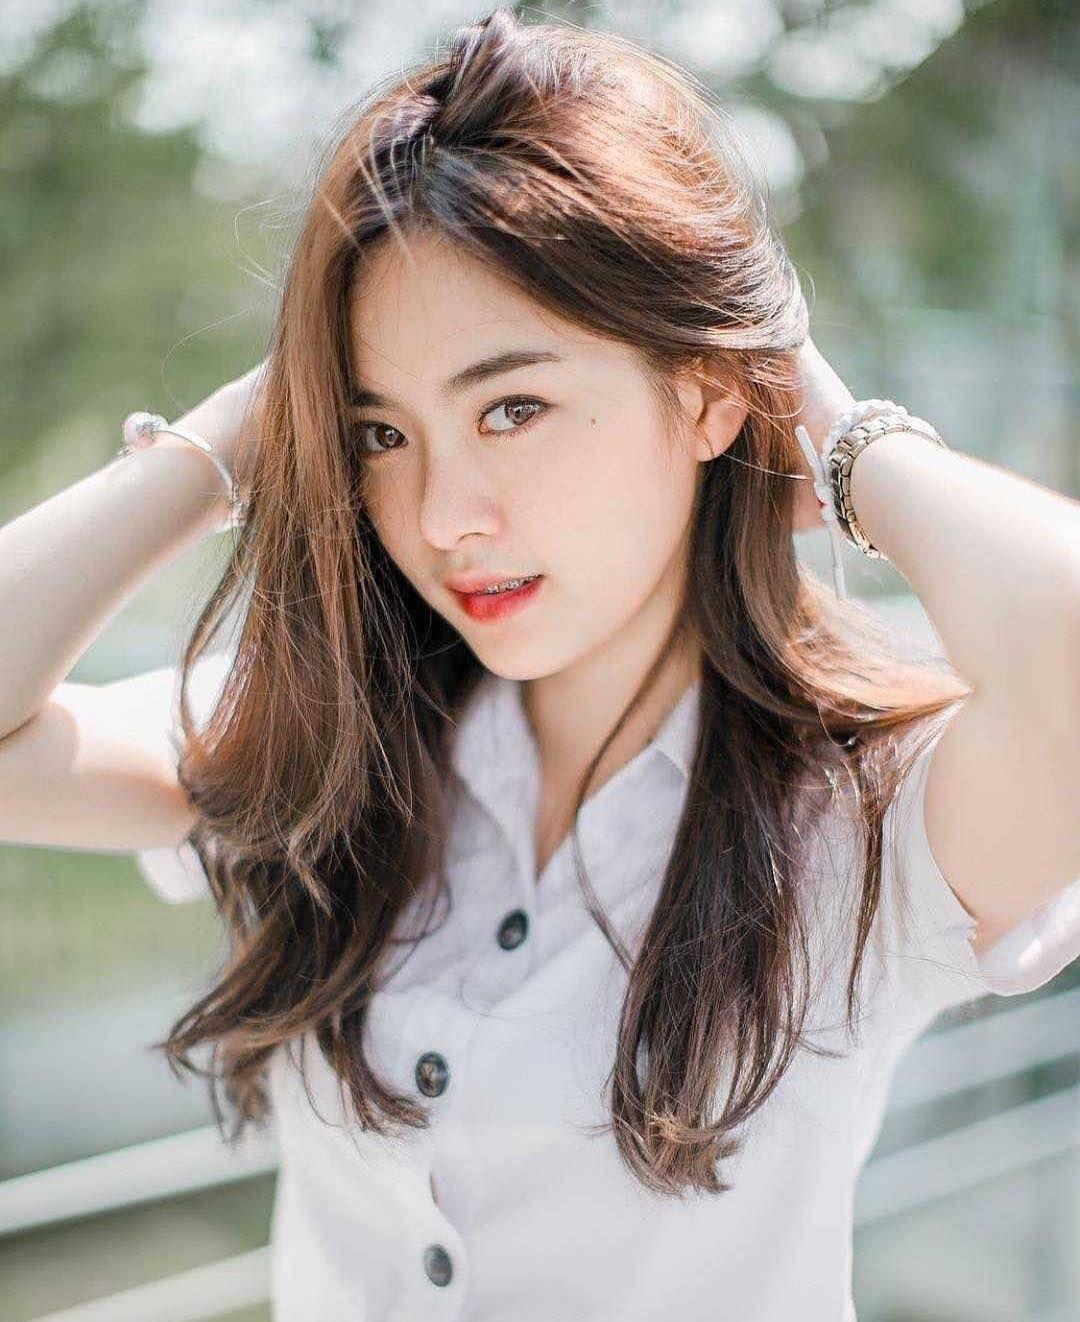 ฝากกดติดตามด้วยคะ 💕 . . . . . . . . . . . . . #แคปชั่น #แคปชั่นอ่อย  #นักศึกษา #นักเรียน #สวยมาก #tiktokthailand #สาว #มหาลัย #น่ารัก…    เพศหญิง, นางแบบ, แฟชั่นสาวๆ